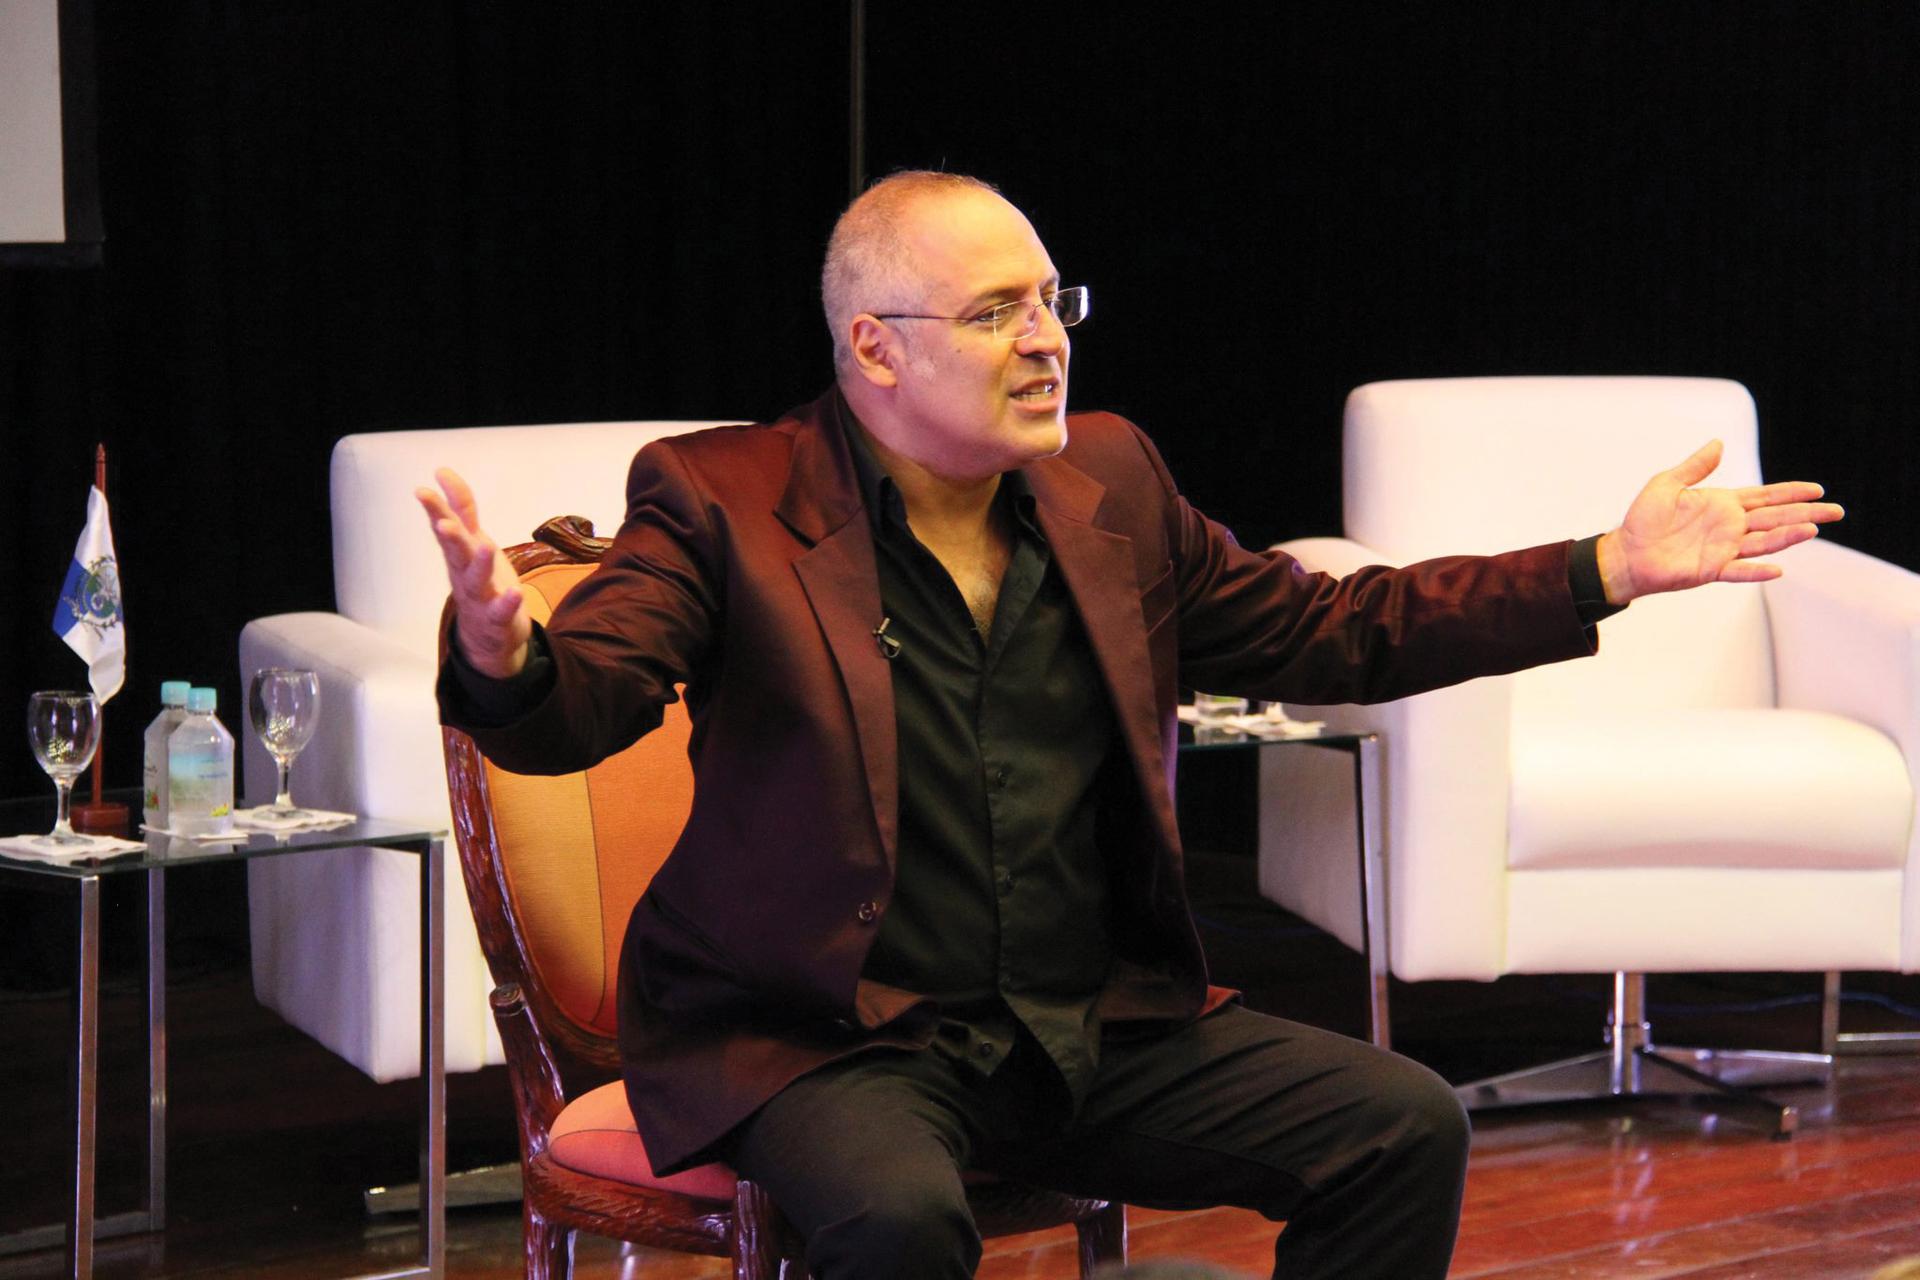 Raul_de_Orofino_em_palco_durante_espetáculo-palestra